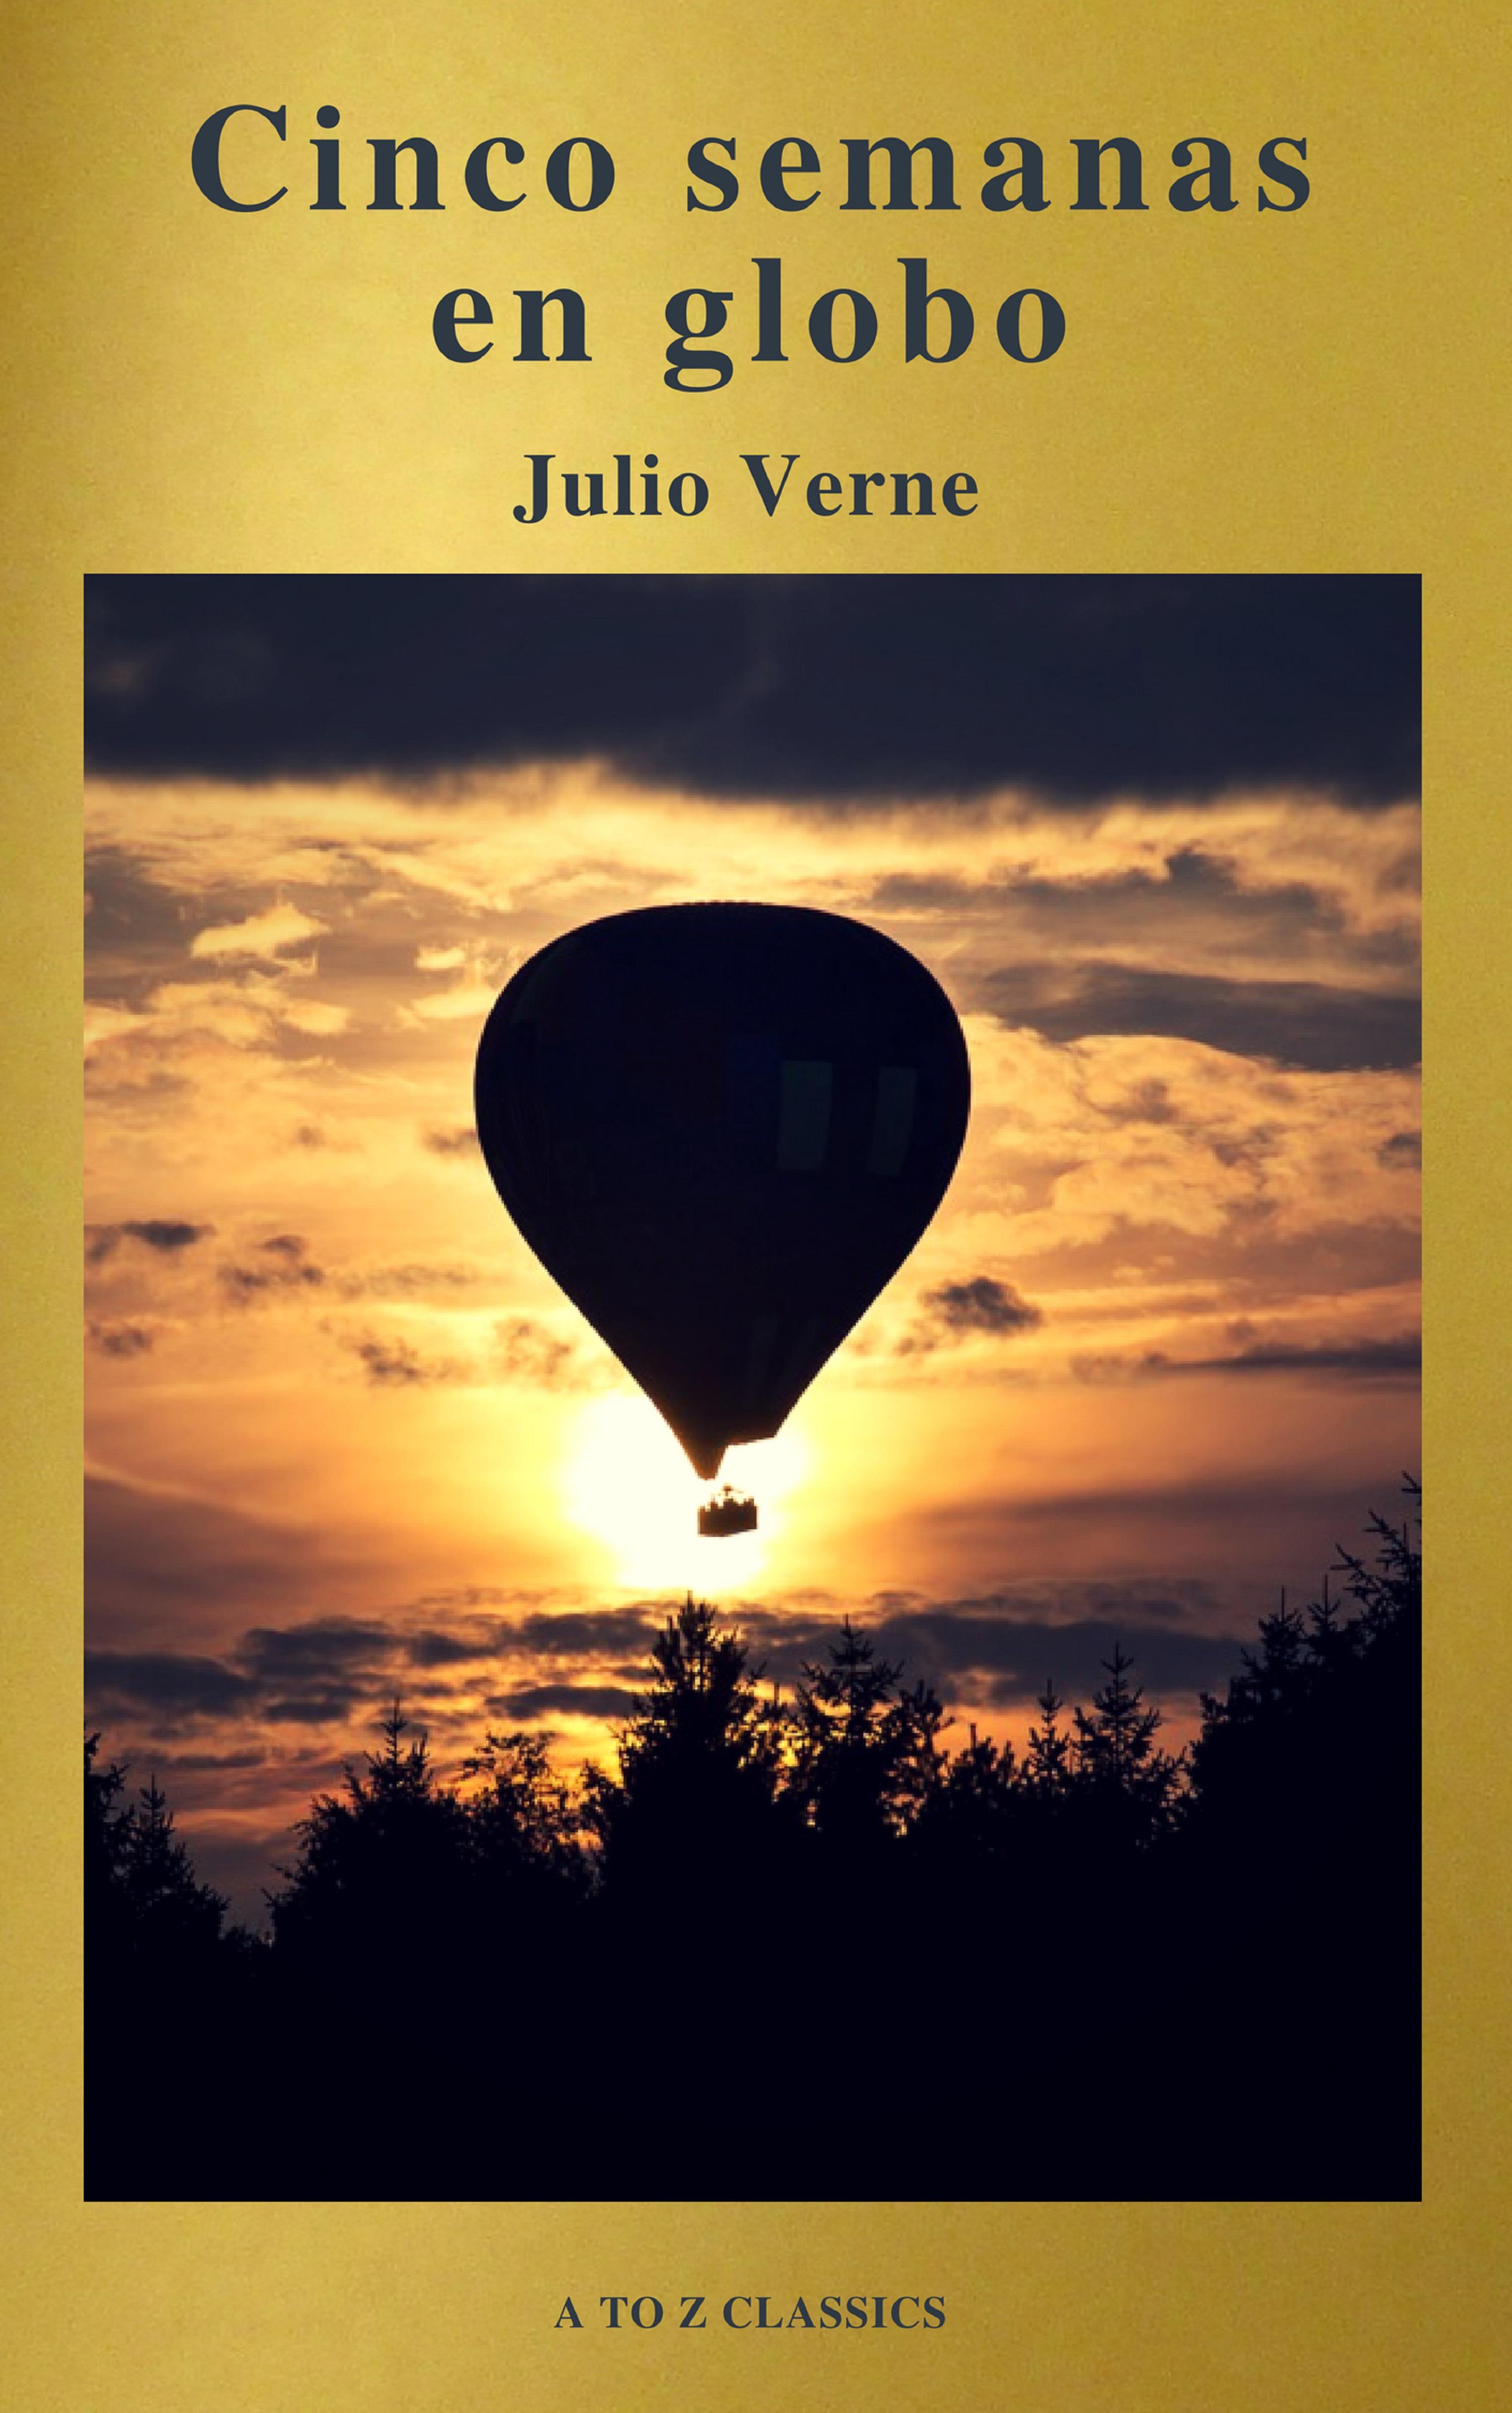 A to Z Classics Cinco semanas en globo by Julio Verne (A to Z Classics) a z